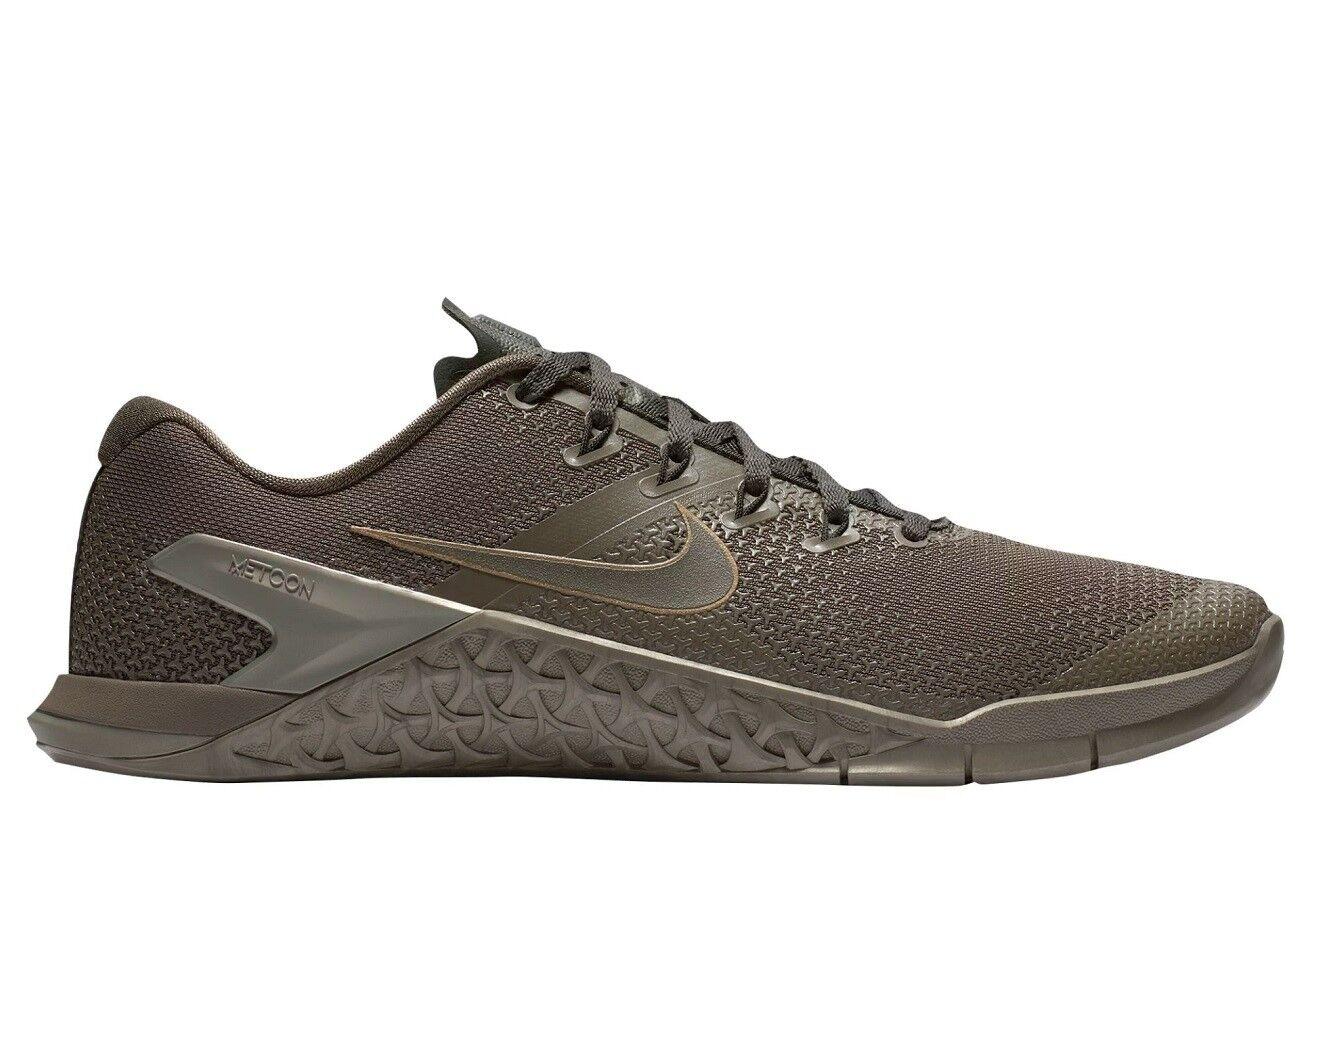 Nike Metcon 4 Viking Quest Shoes Mens AJ9276-200 Ridgerock Training Shoes Quest Size 11 8a6e21